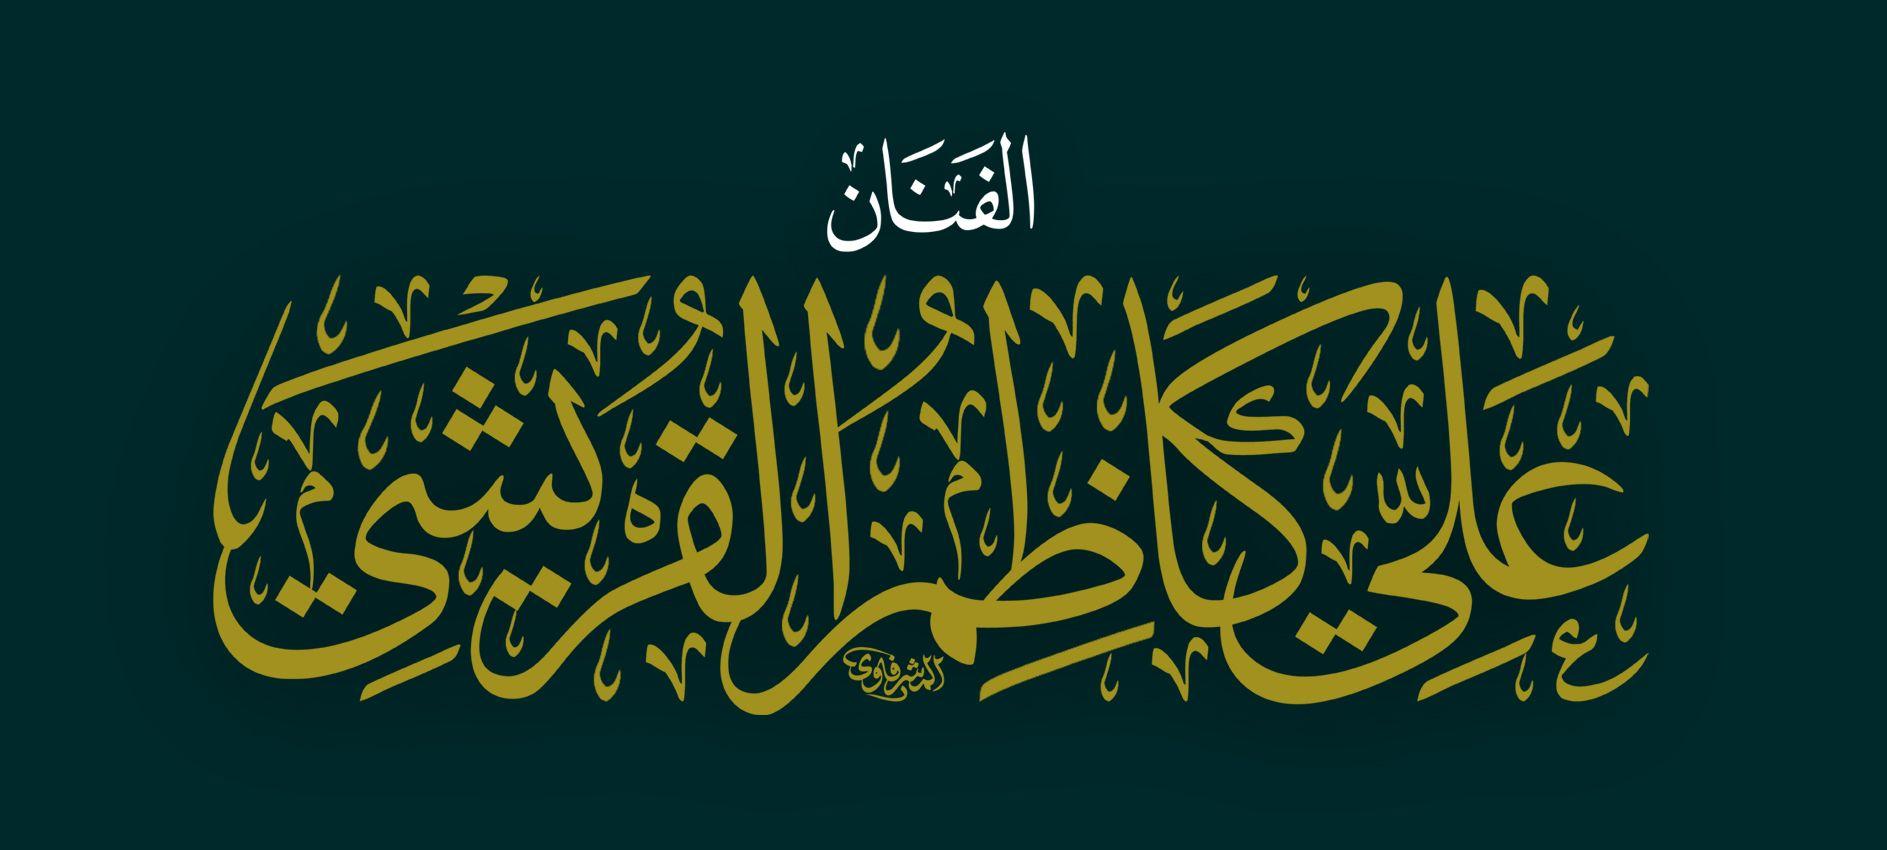 الفنان علي كاظم القريشي الخطاط محمد الحسني المشرفاوي Calligraphy Art Calligraphy Art